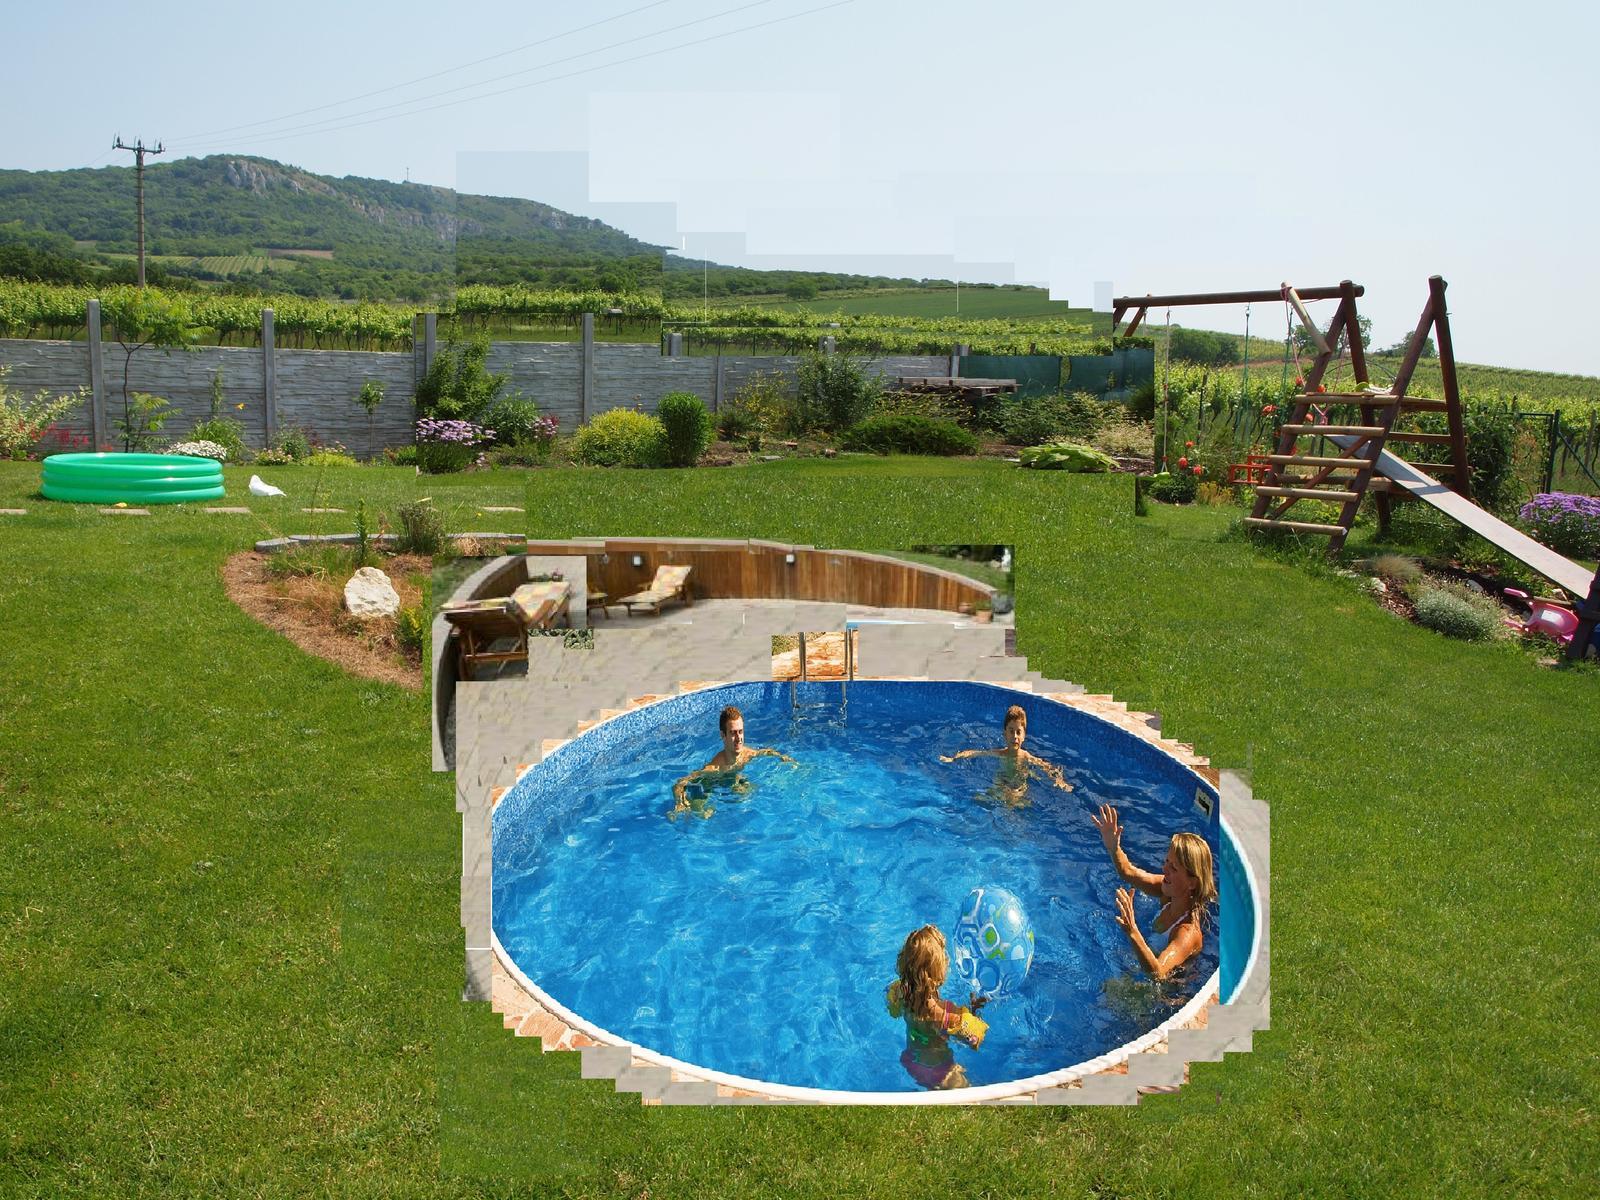 Bazén na zahradě - Obrázek č. 8